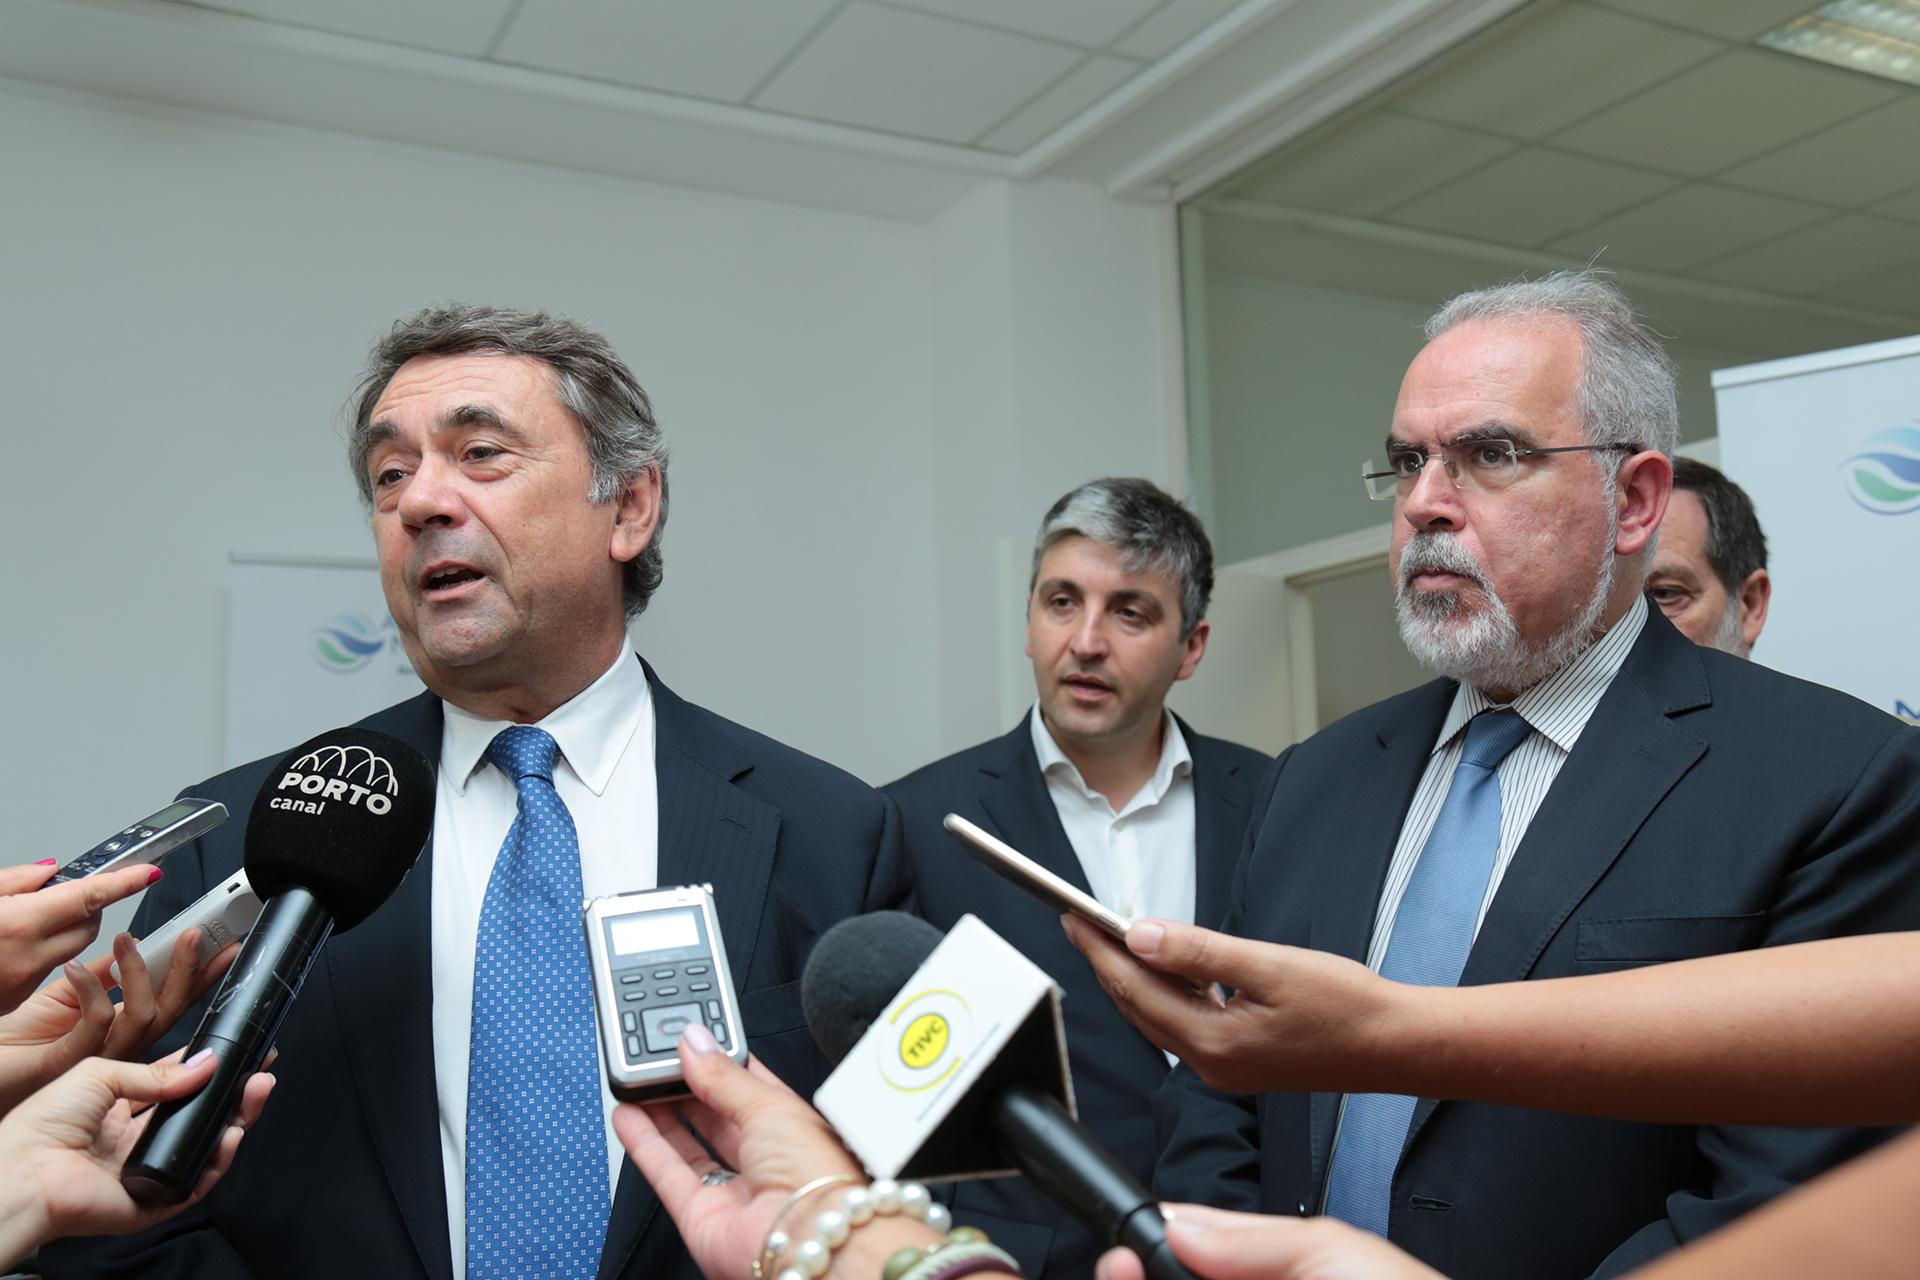 Águas do Norte já investiu 53 dos 65 milhões de euros previstos para Viana